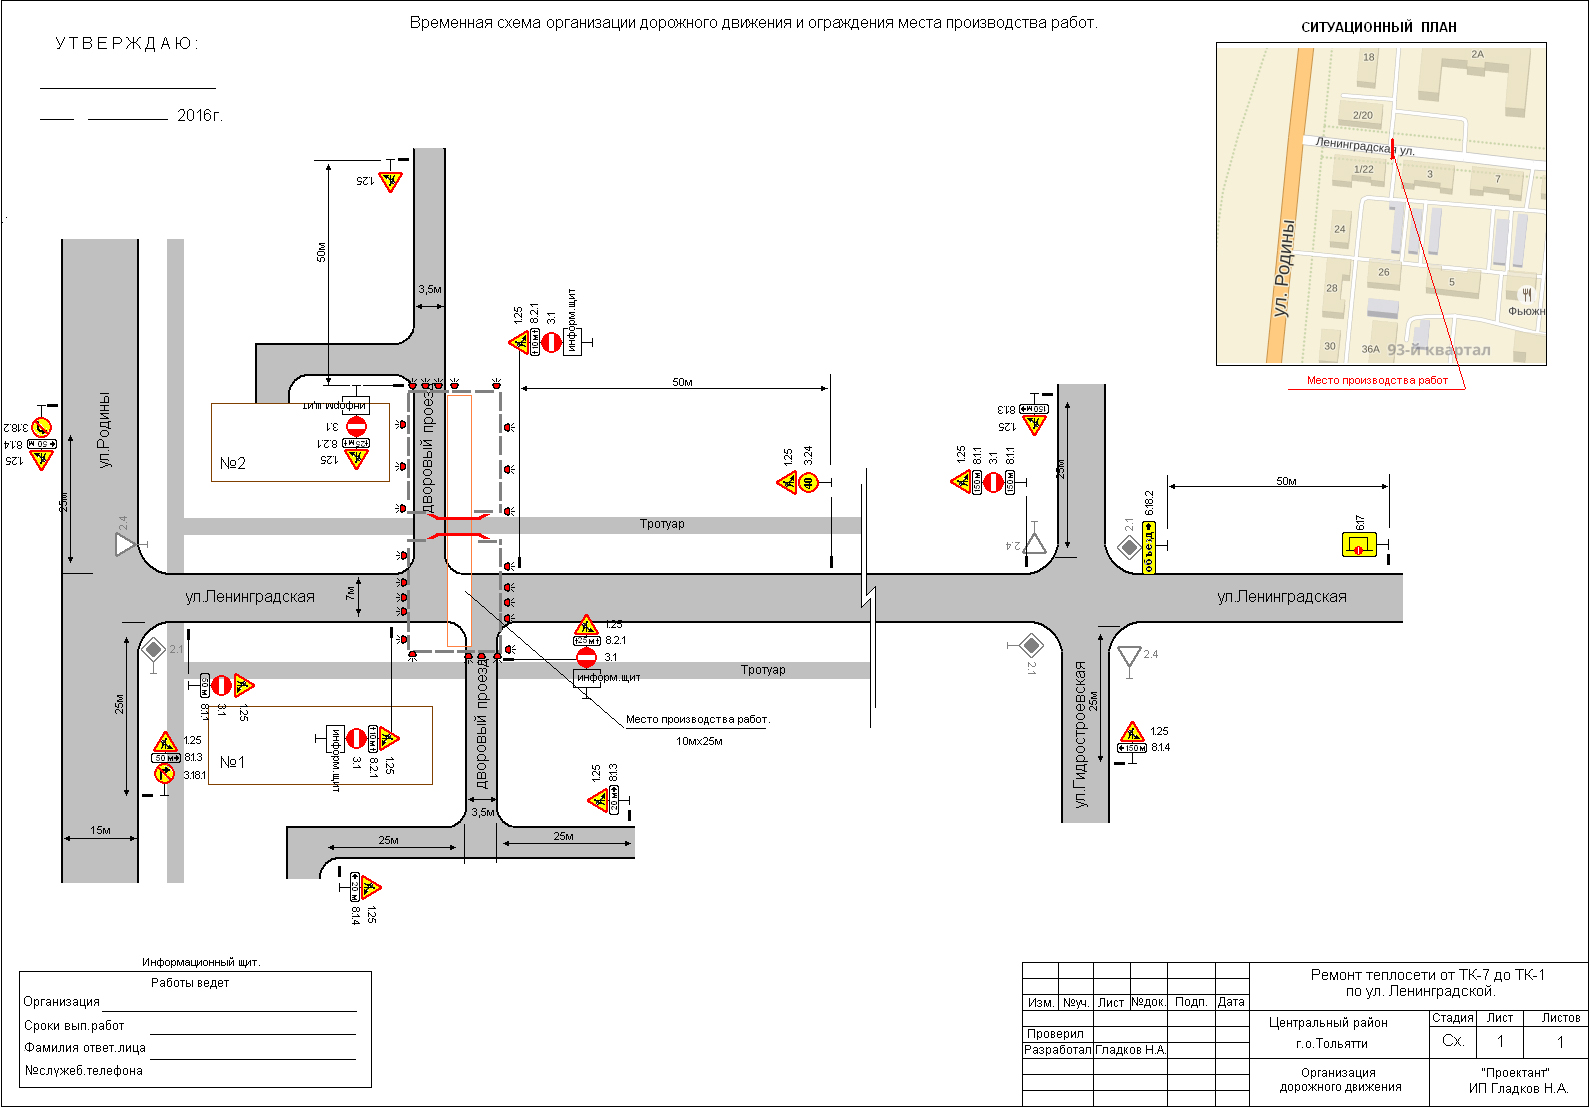 Разработка схем дорожного движения